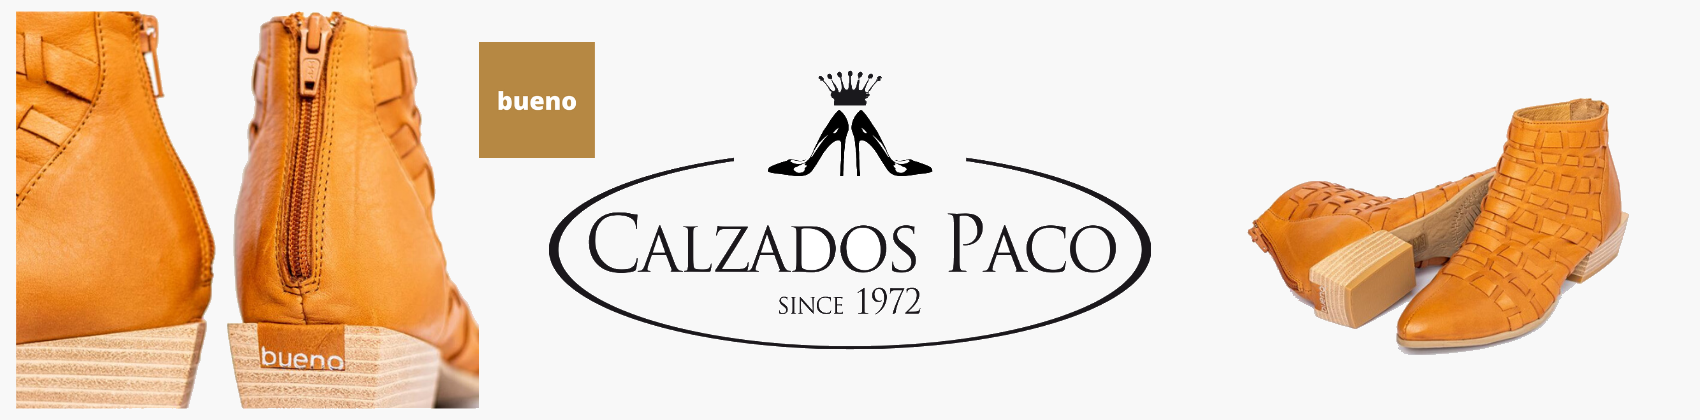 Calzados Paco y Bueno banner 1700x420 de la tienda